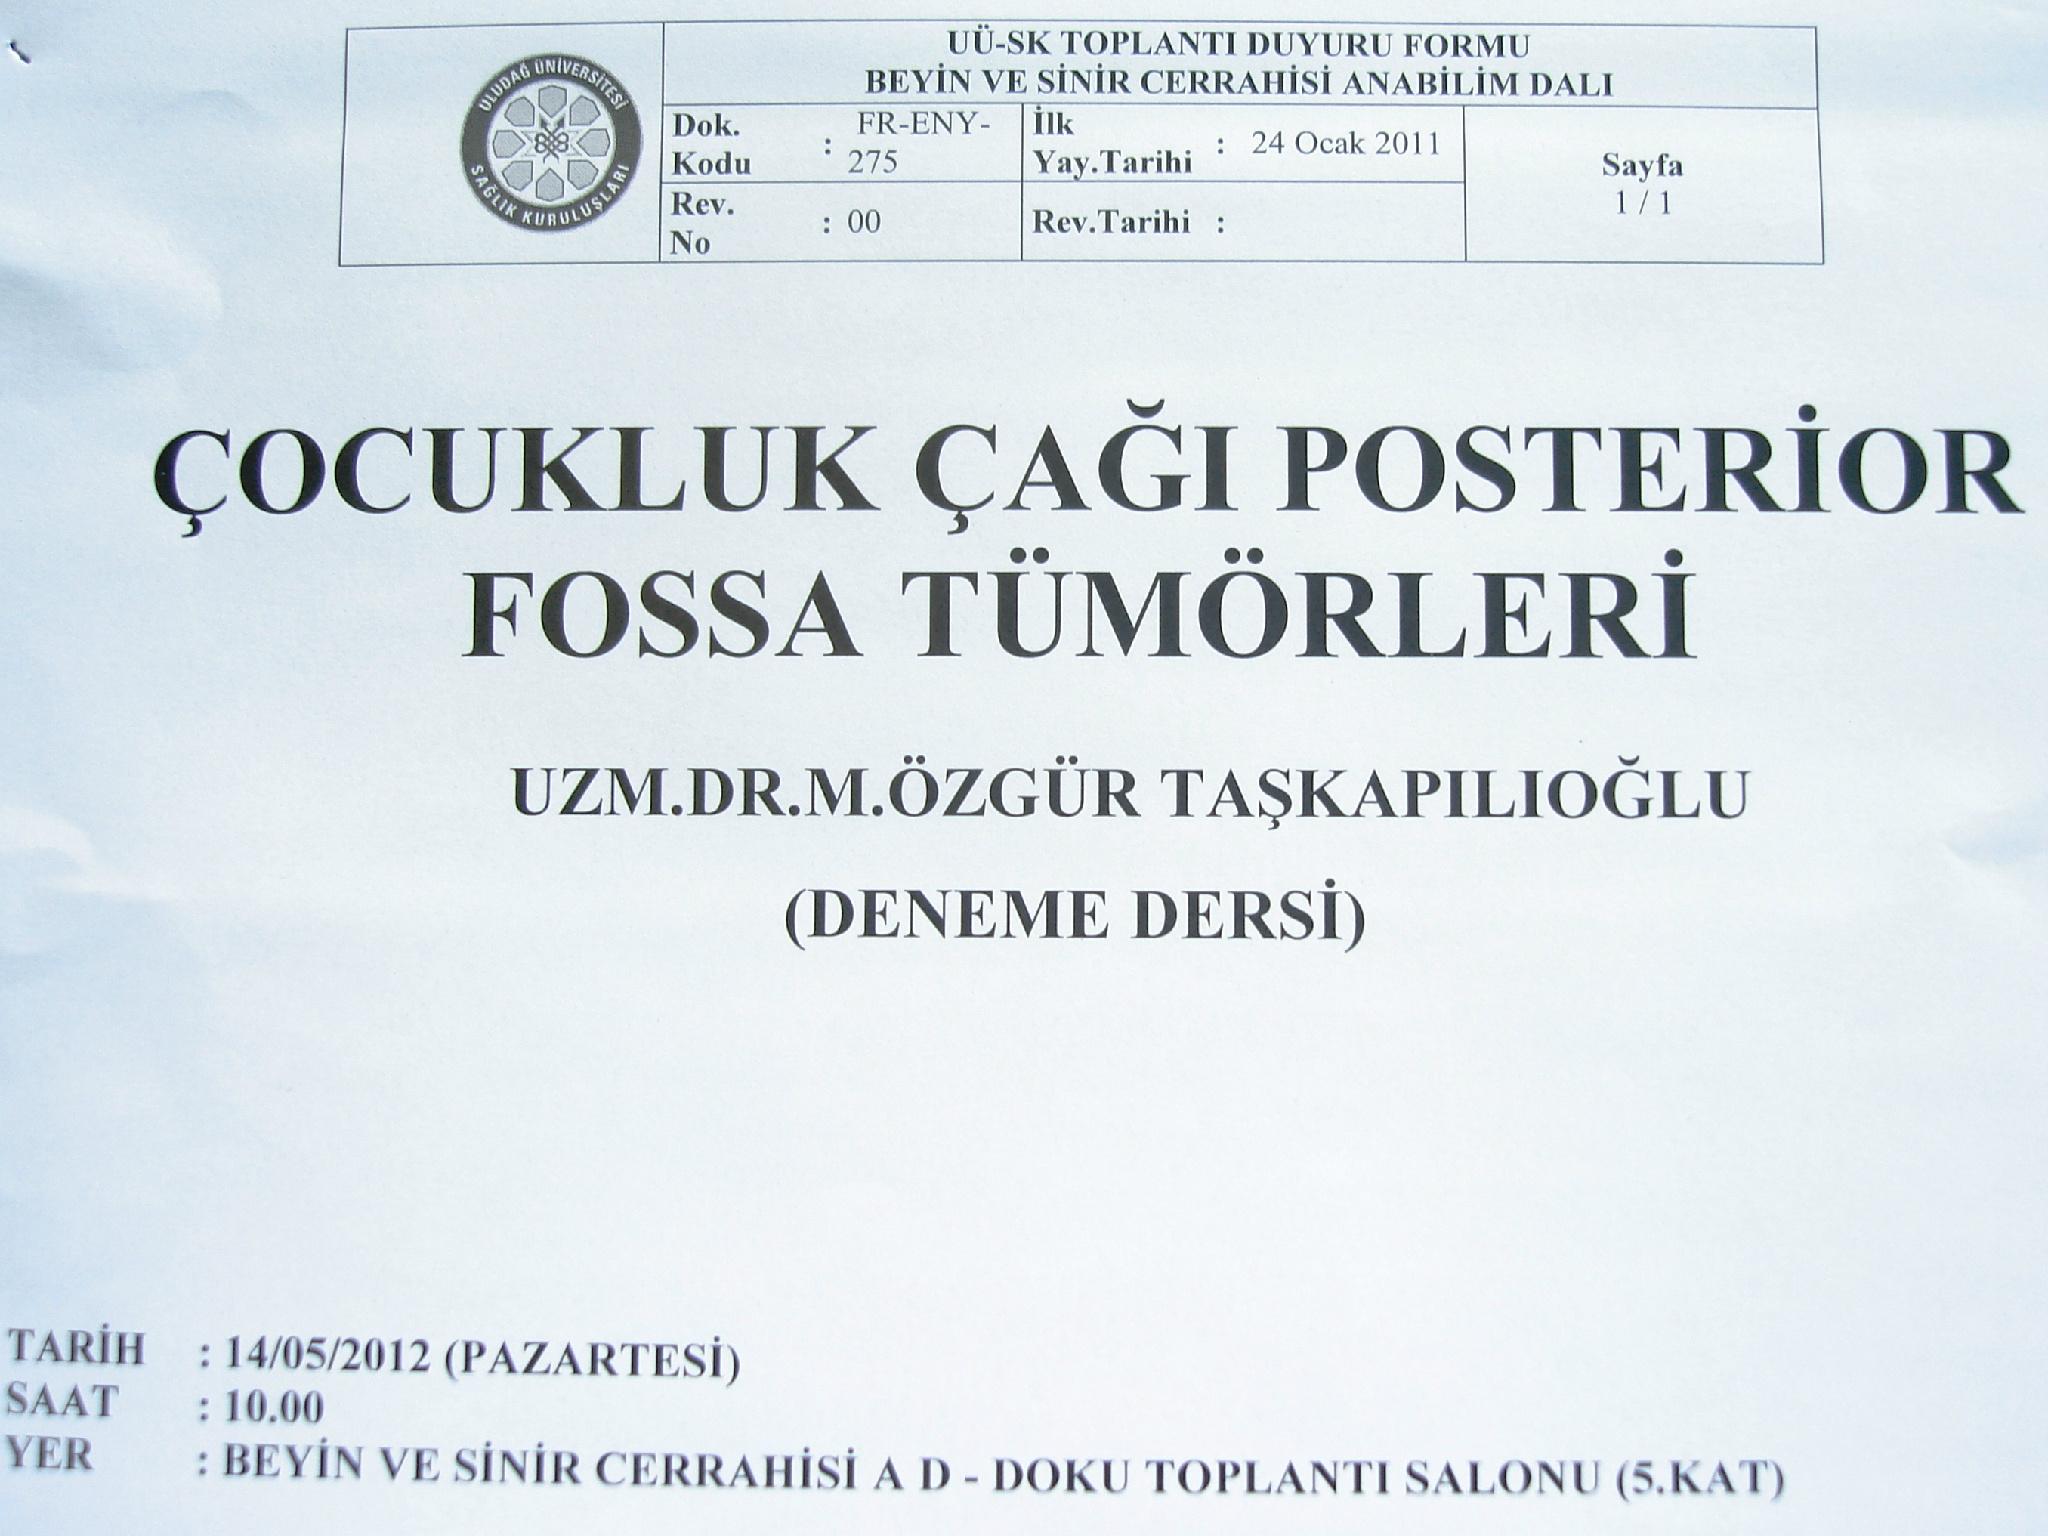 Uzm. Dr. Özgür M. Taşkapılıoğlu, Yrd. Doç. için gerekli deneme dersi 14 Mayıs 2012 tarihinde Doku toplantı salonunda. http://t.co/q3ulFBEv